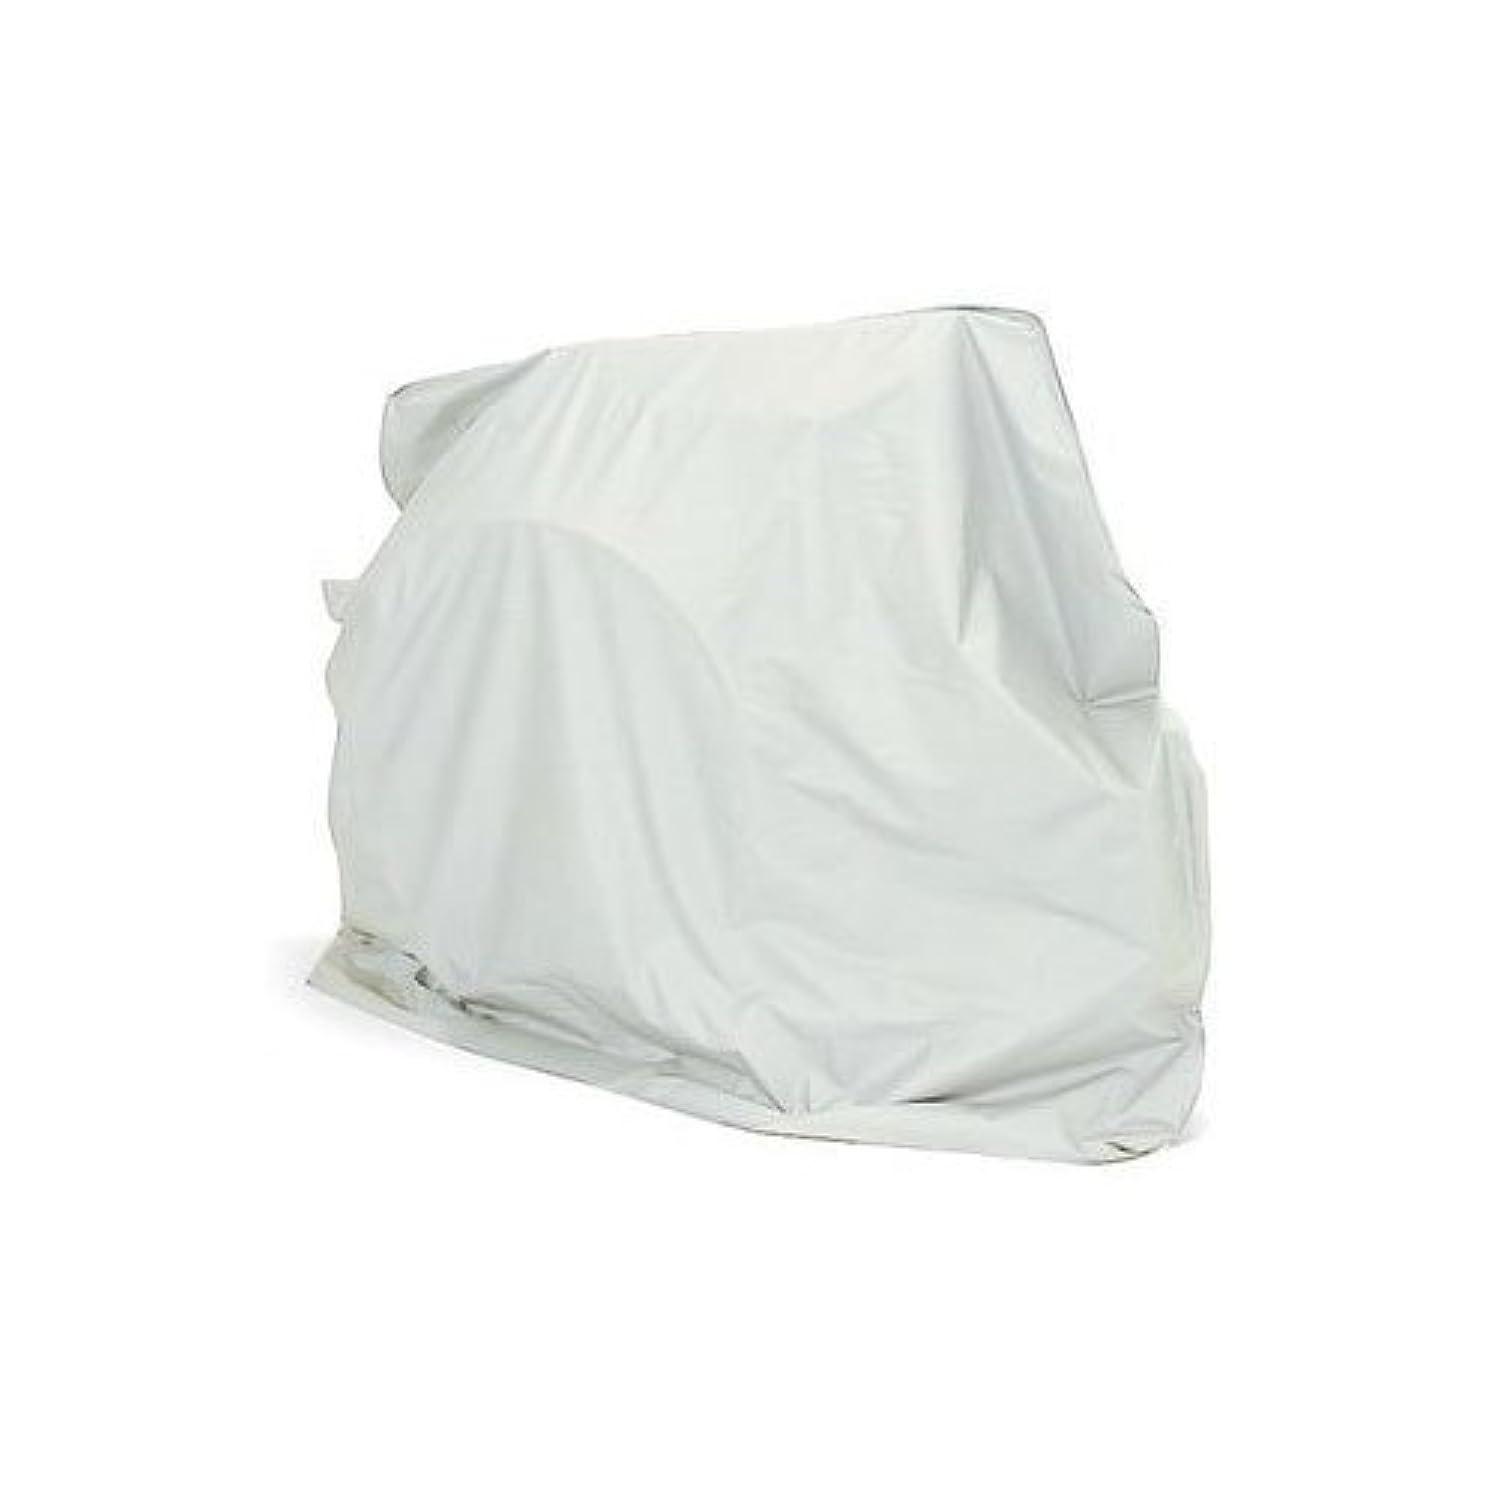 セメント早熟男性車いす用カバー グレー ●規格:標準車用